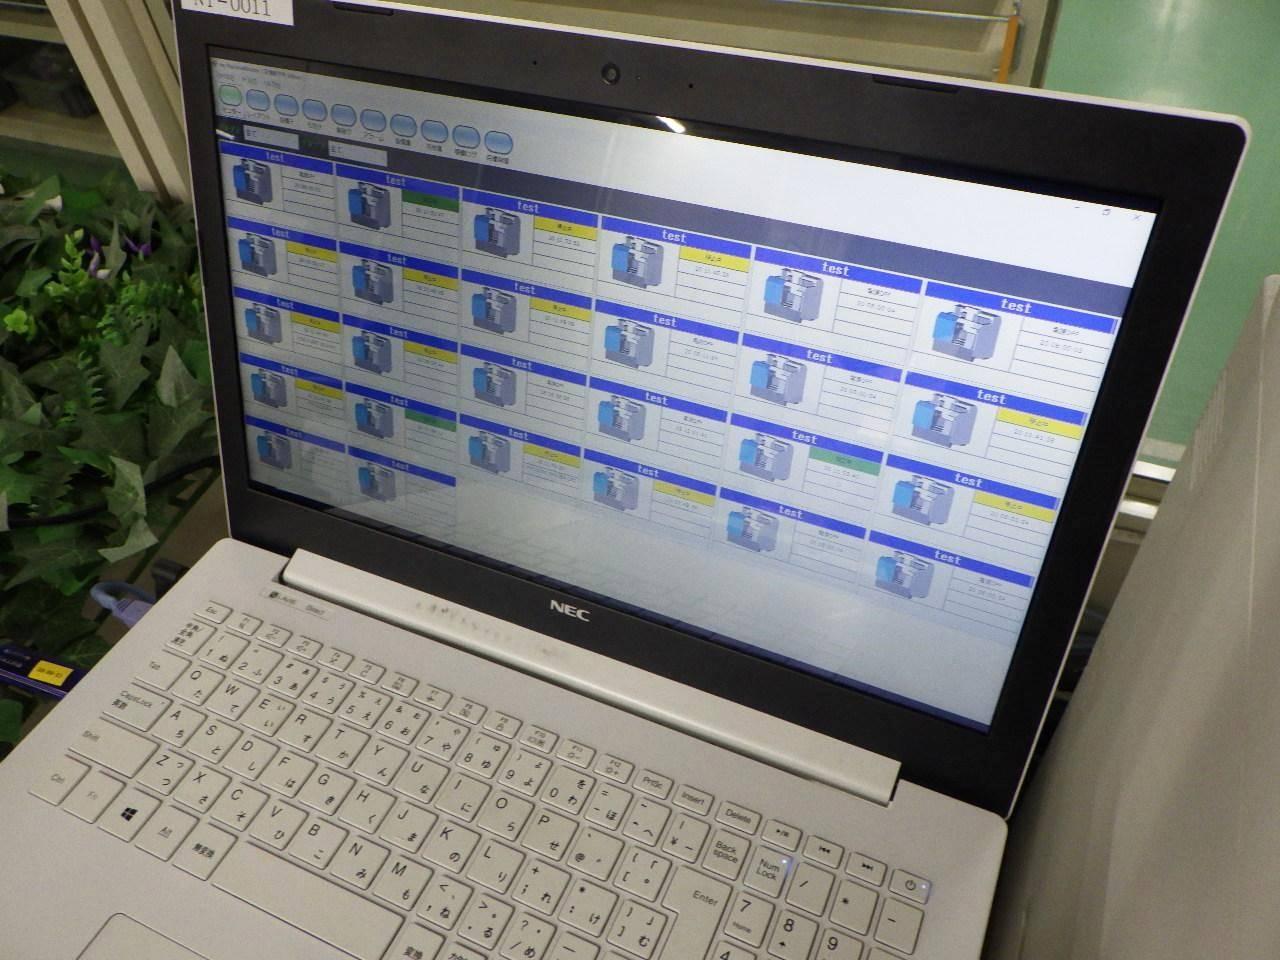 マシモニ装置稼働システム画面